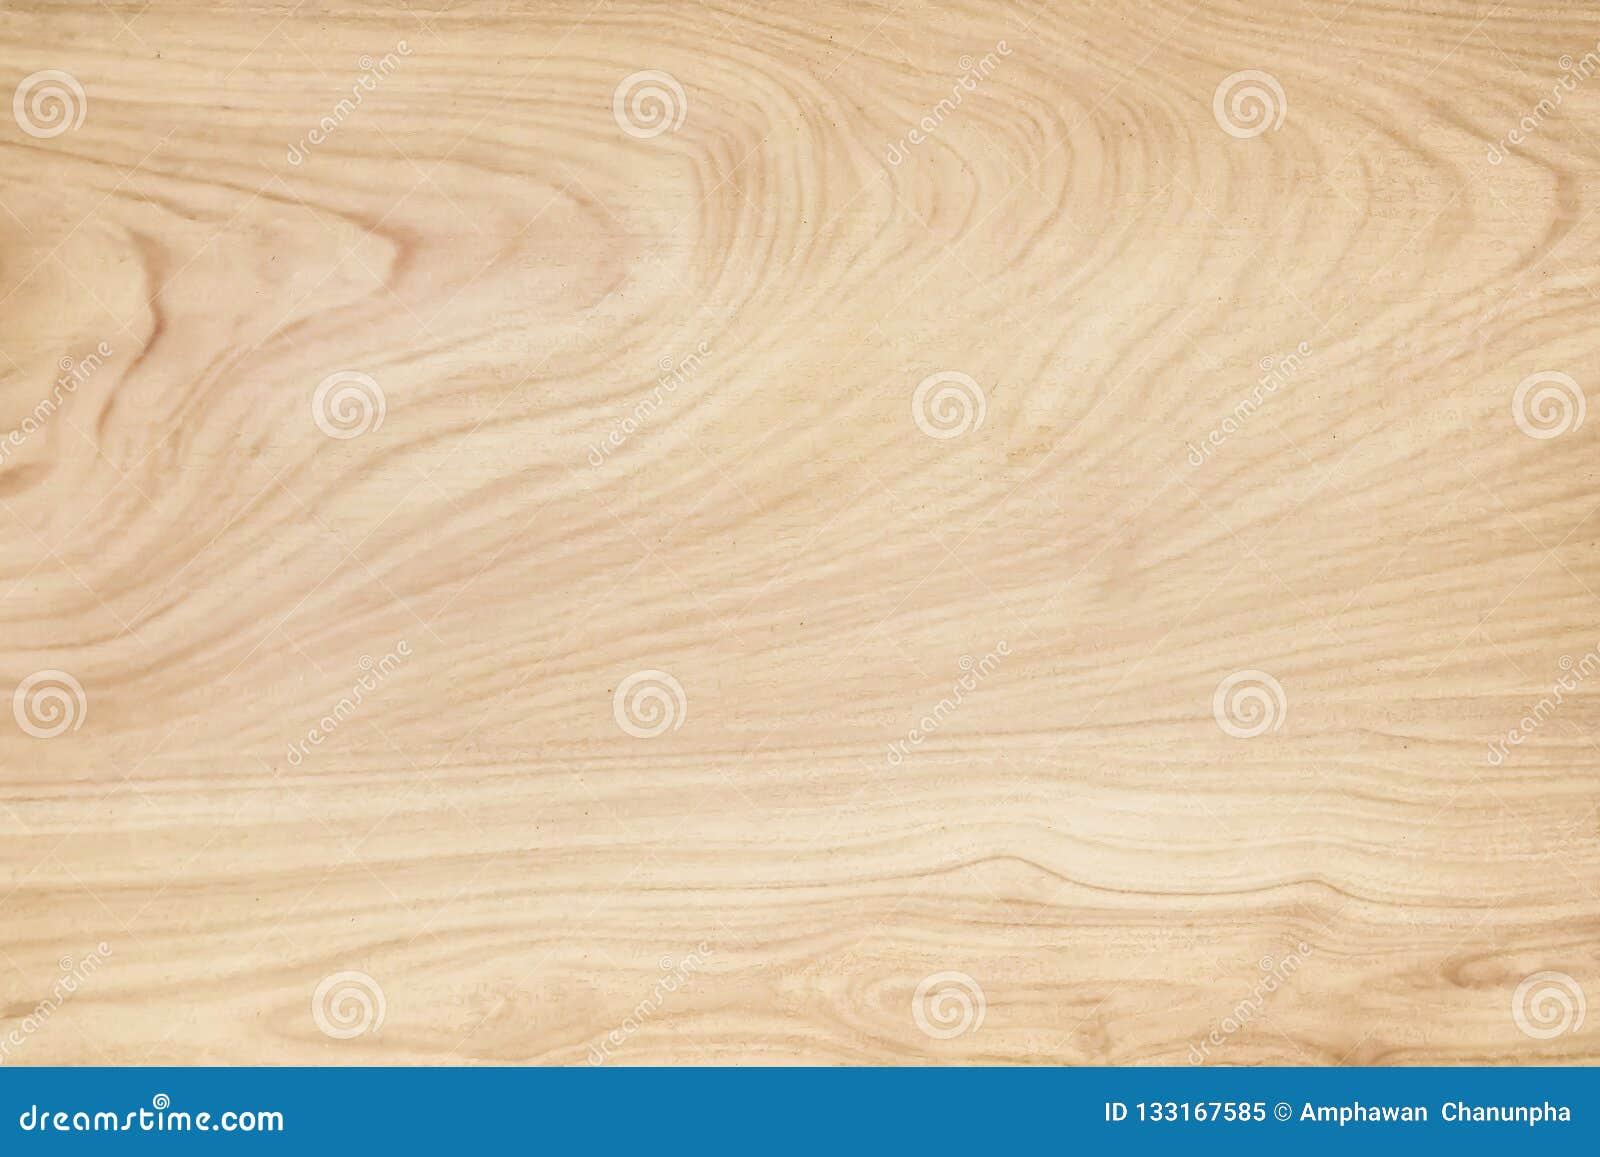 Ξύλινο υπόβαθρο σύστασης τοίχων, ανοικτό καφέ φυσική περίληψη σχεδίων κυμάτων σε οριζόντιο